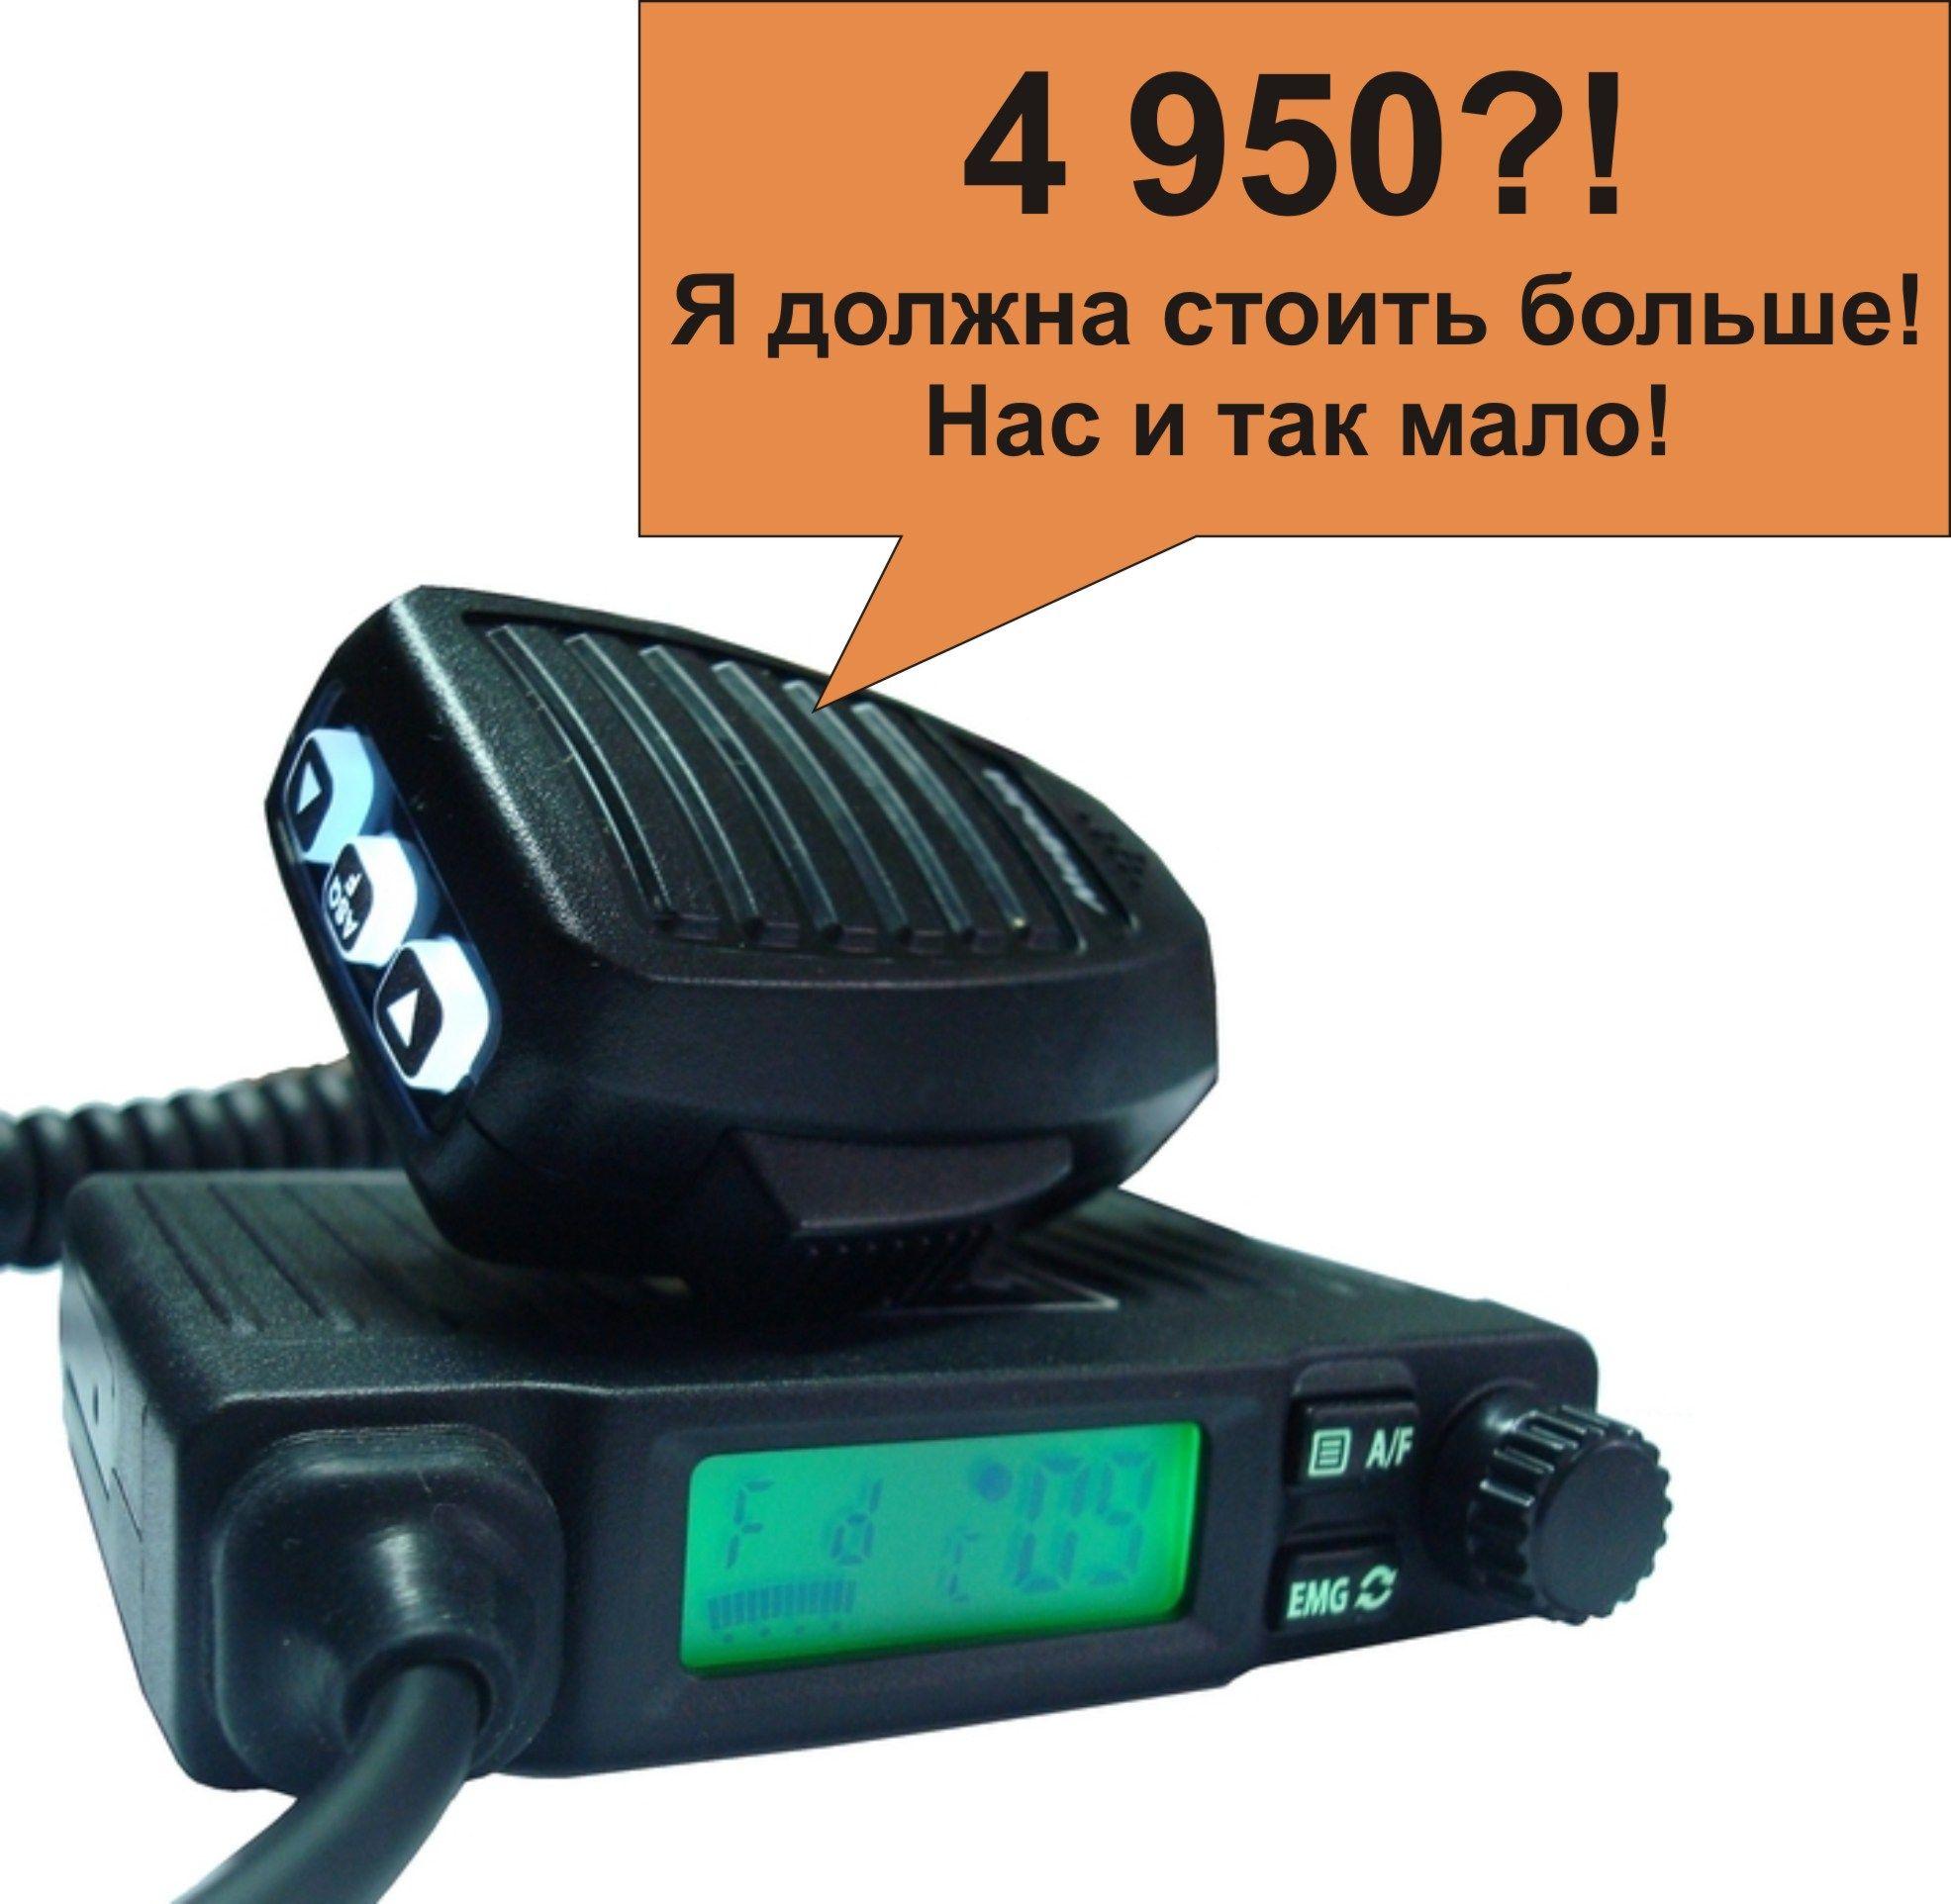 АКЦИЯ! Самая компактная радиостанция на диапазон 27 MHz (для дальнобойщиков). Оригинальная корейская сборка, цена 4 950 рублей.